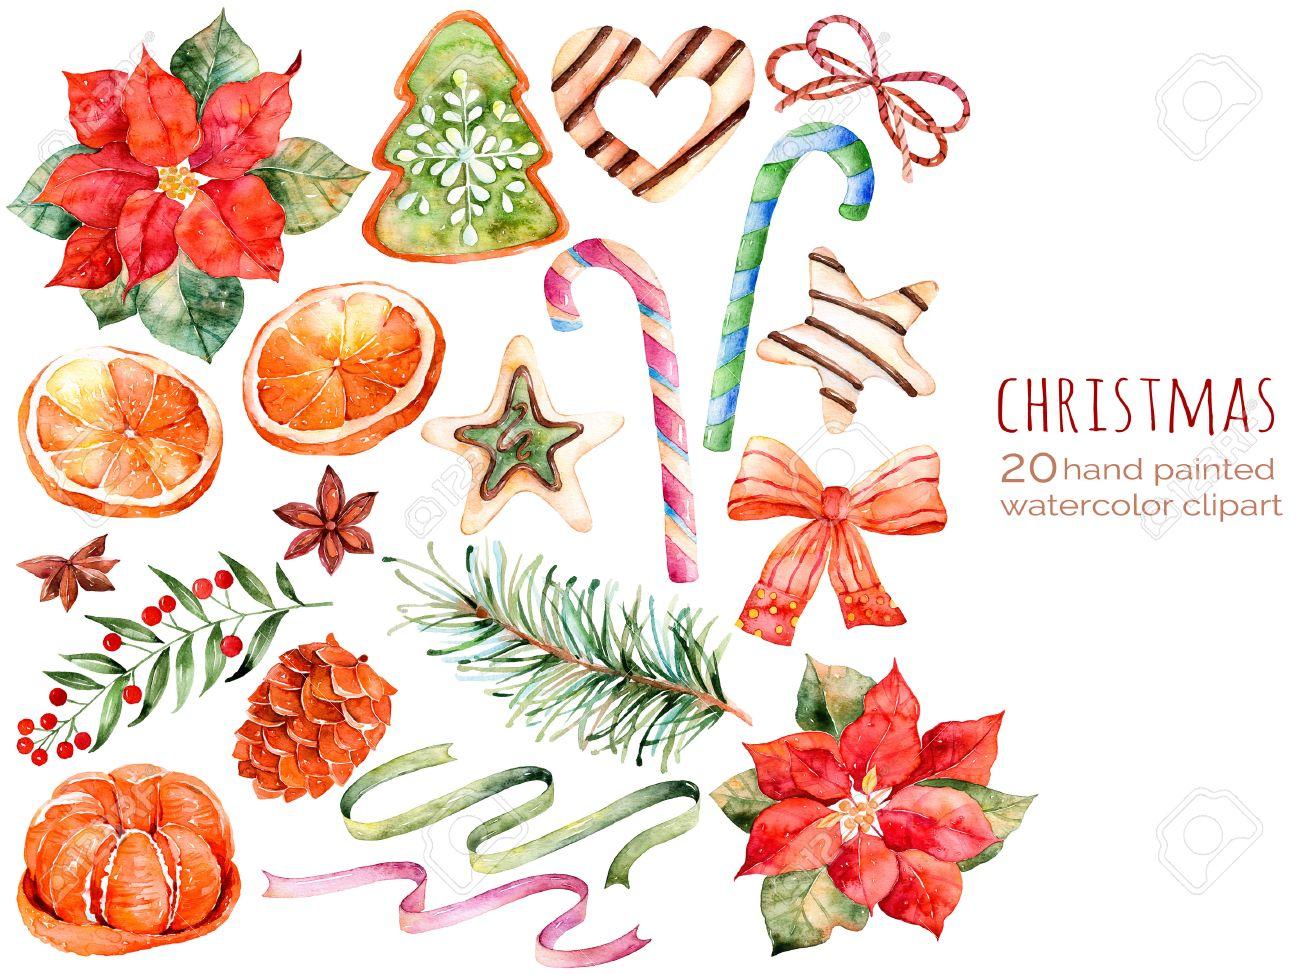 Weihnachtskollektion: Süßigkeiten, Weihnachtsstern, Anis, Orange ...